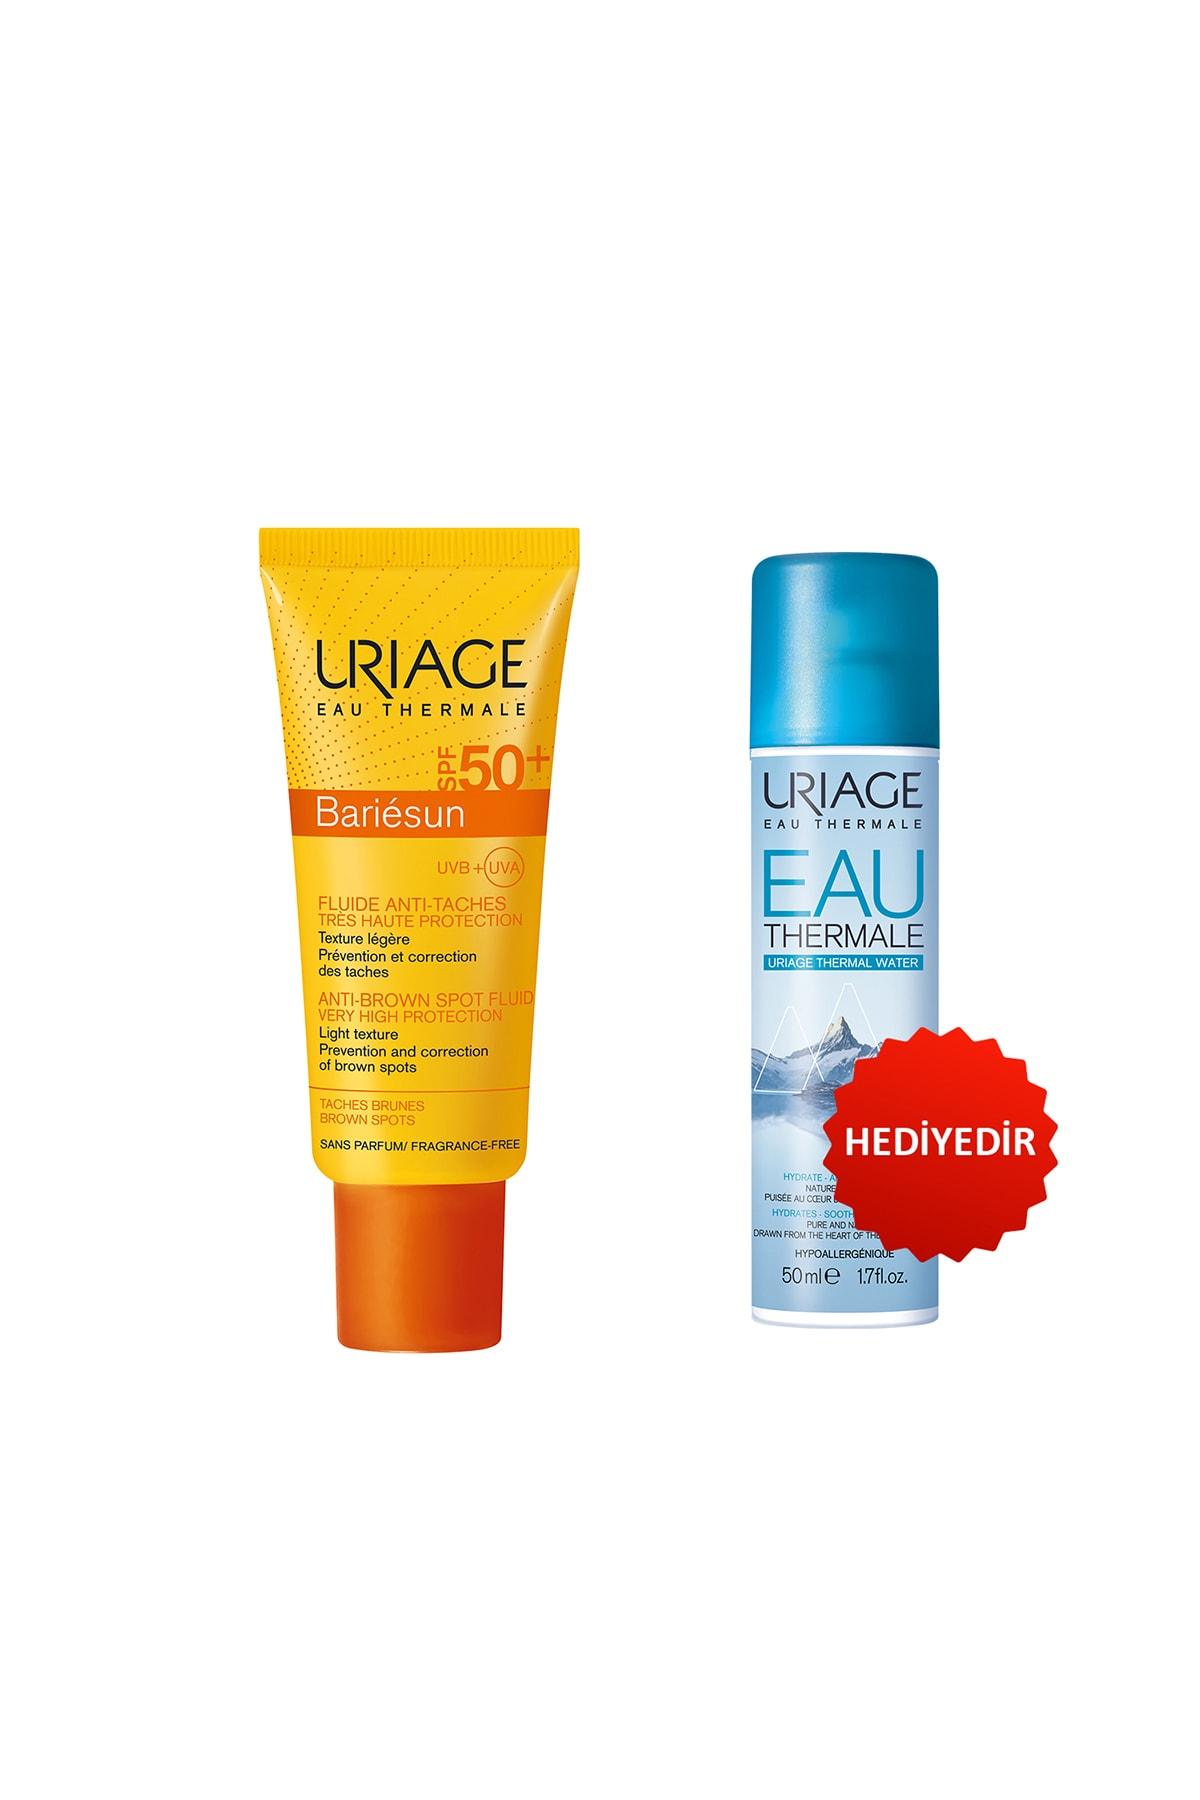 Uriage Bariésun Anti Brown Spot Fluid Spf 50 (Leke Giderici Güneş Kremi) + Eau Thermale D Uriage Sp 50 ml